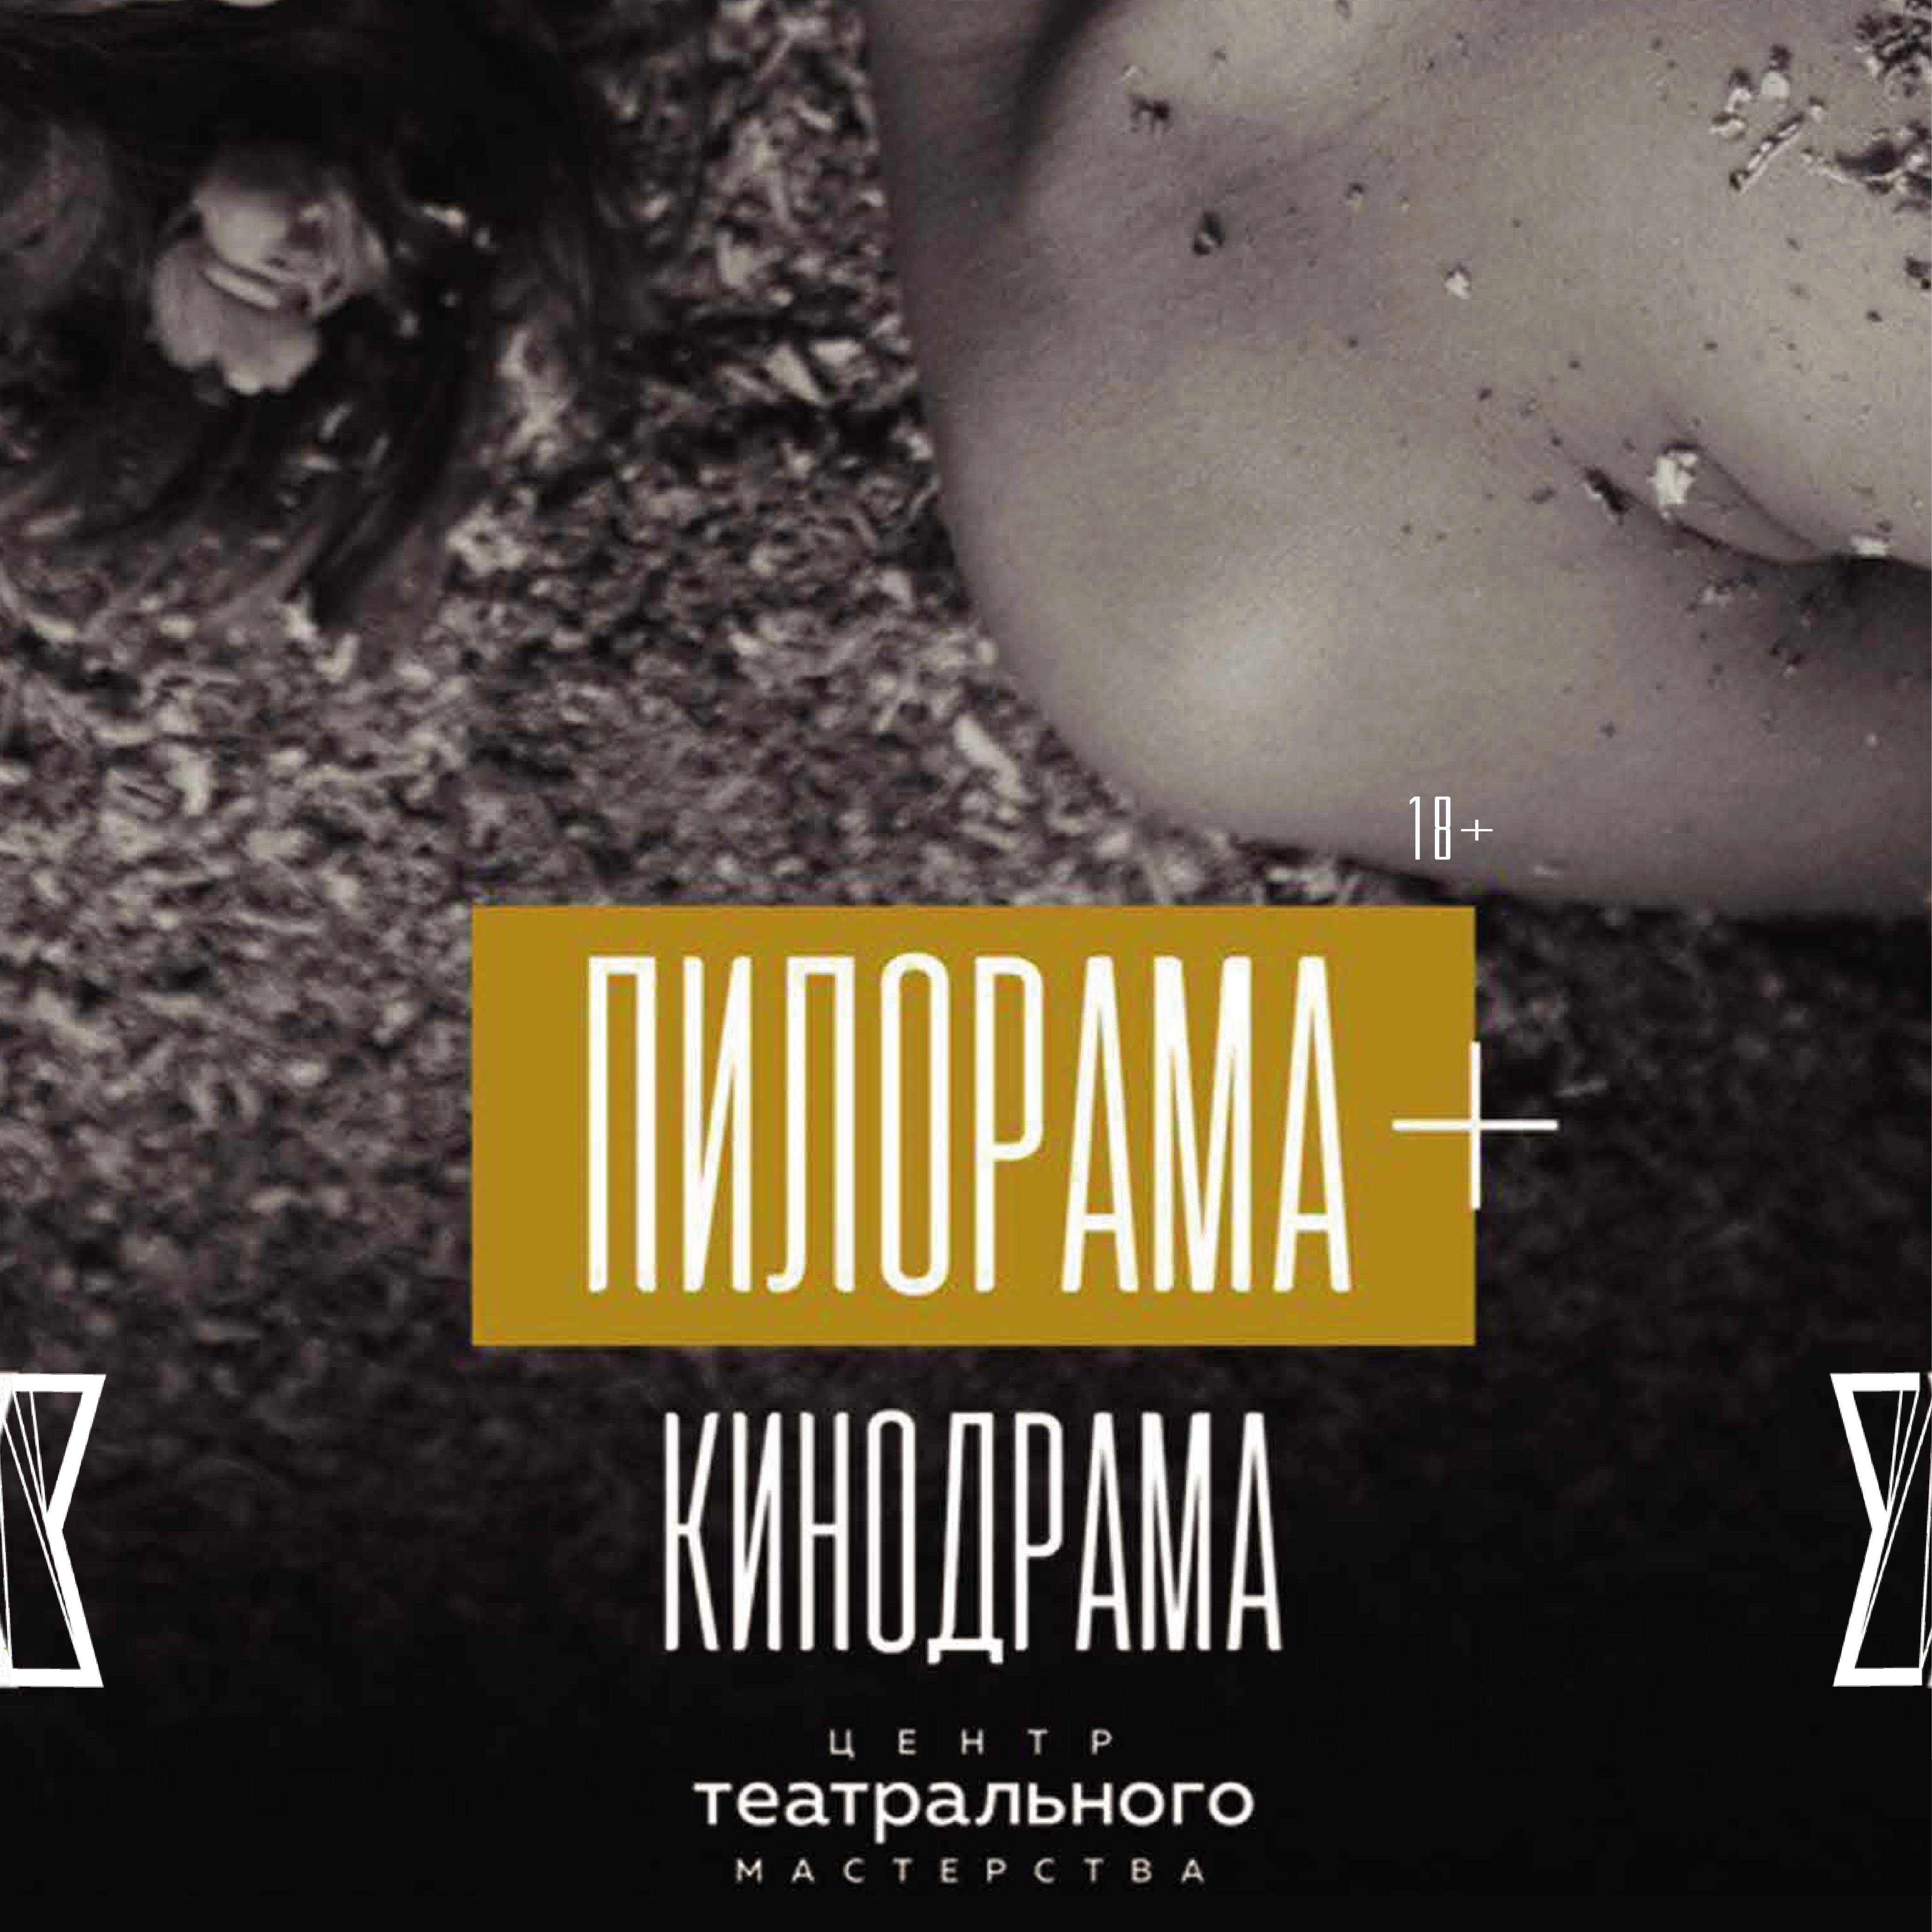 «Пилорама плюс» — кинодрама о дремучей любви